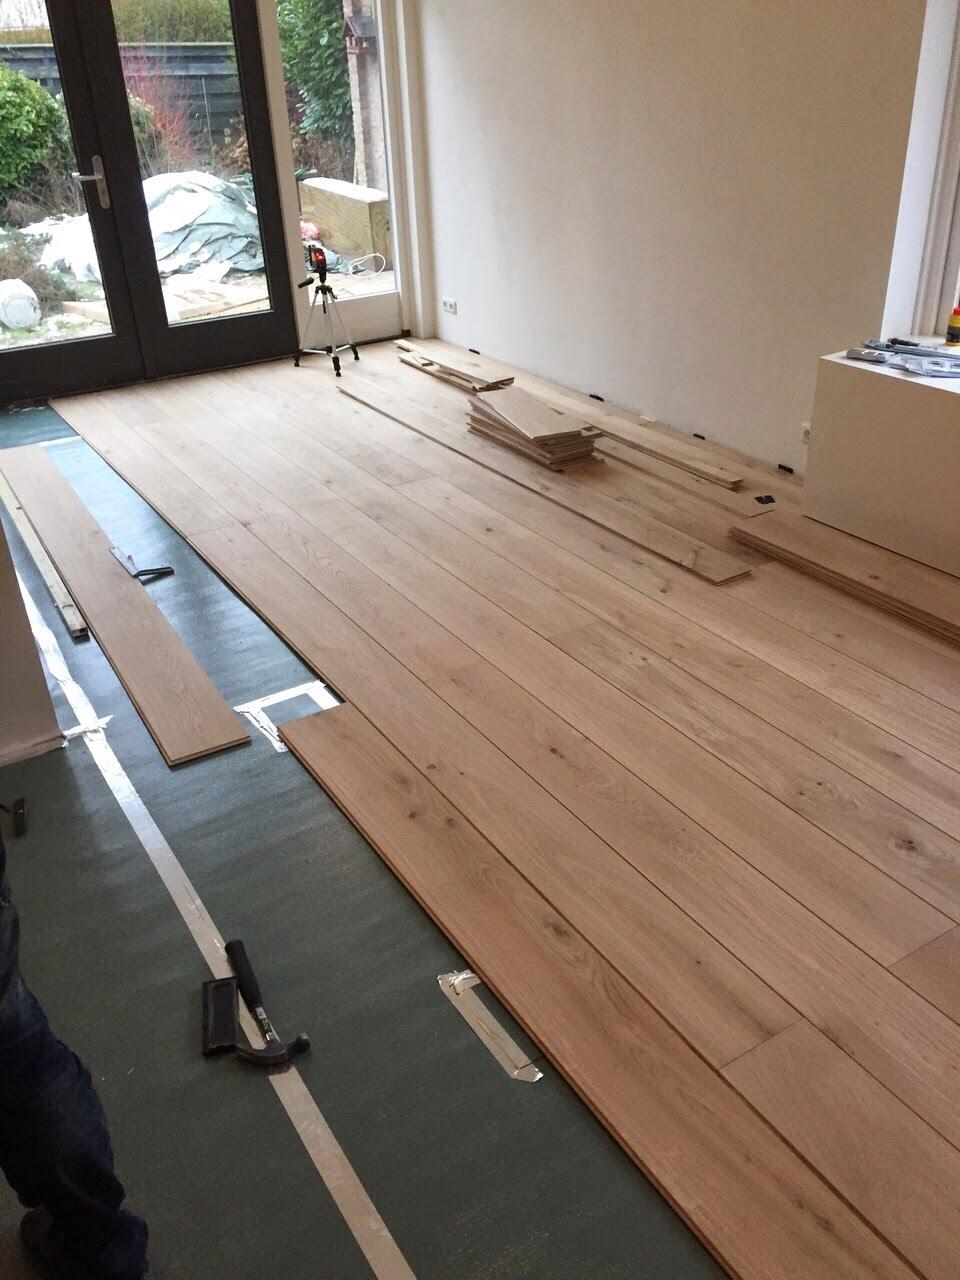 houten vloer verlijmd leggen op tegels wordt de houten vloer